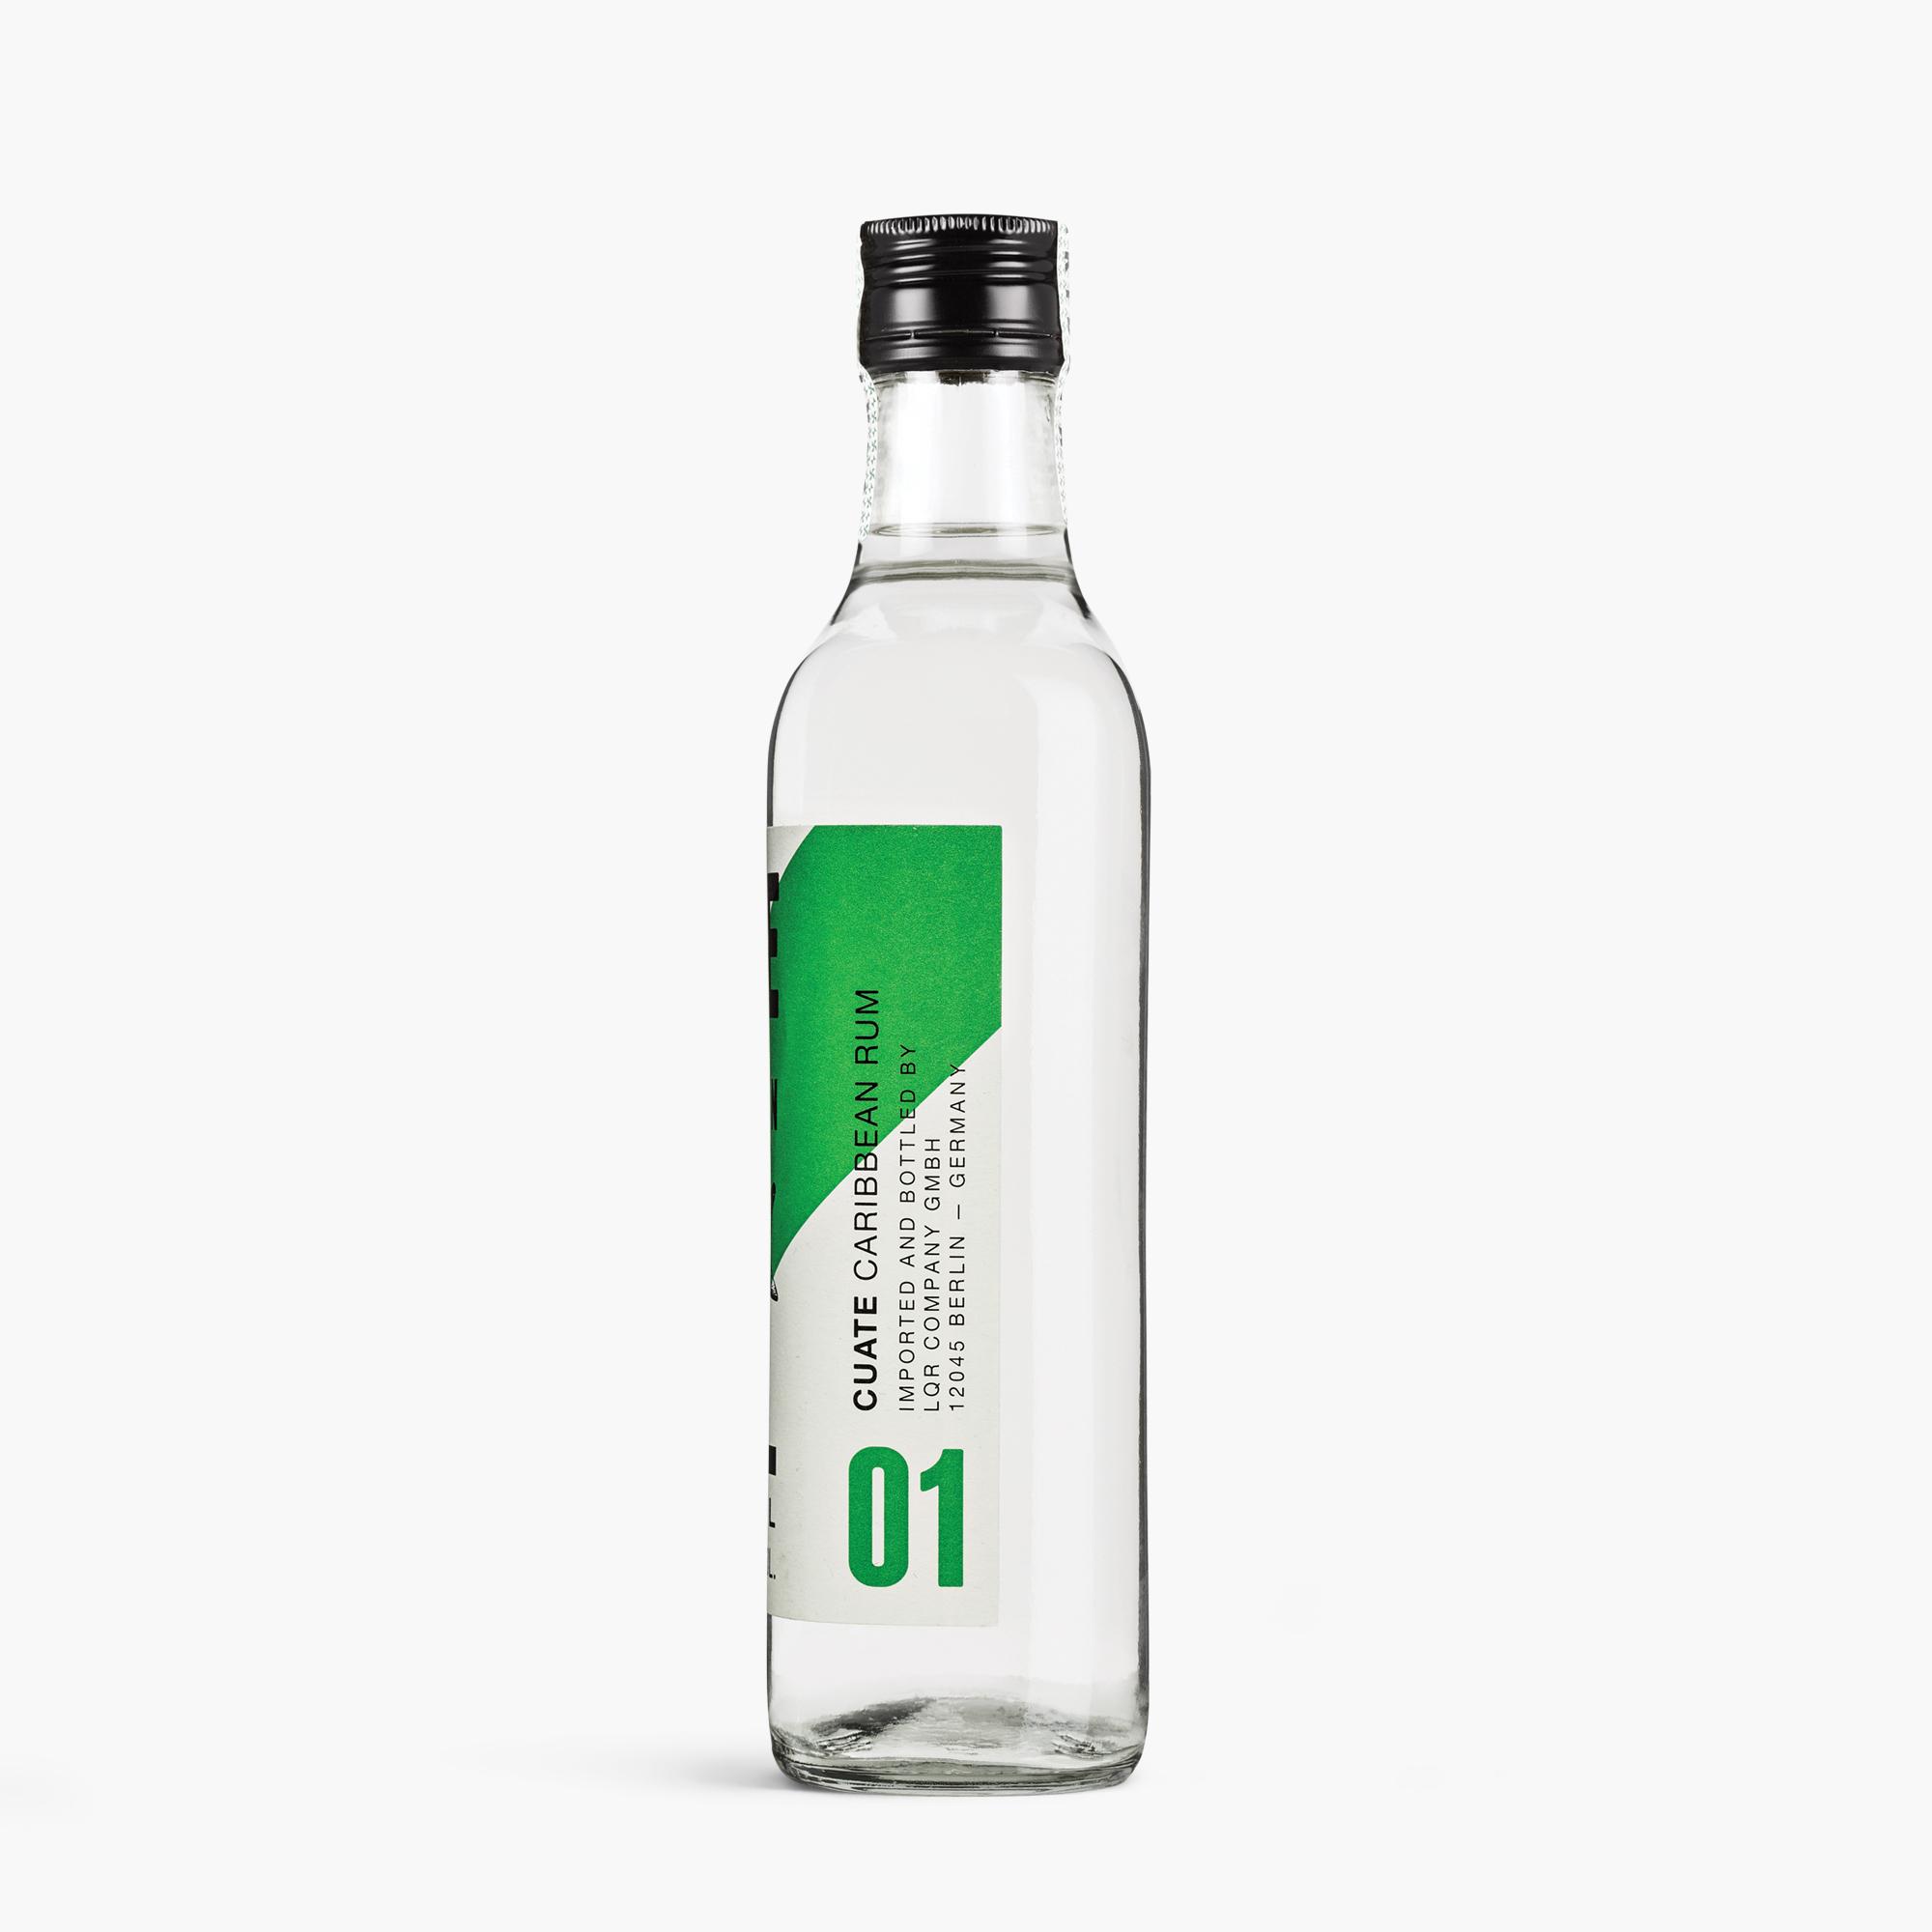 Cuate Rum 01